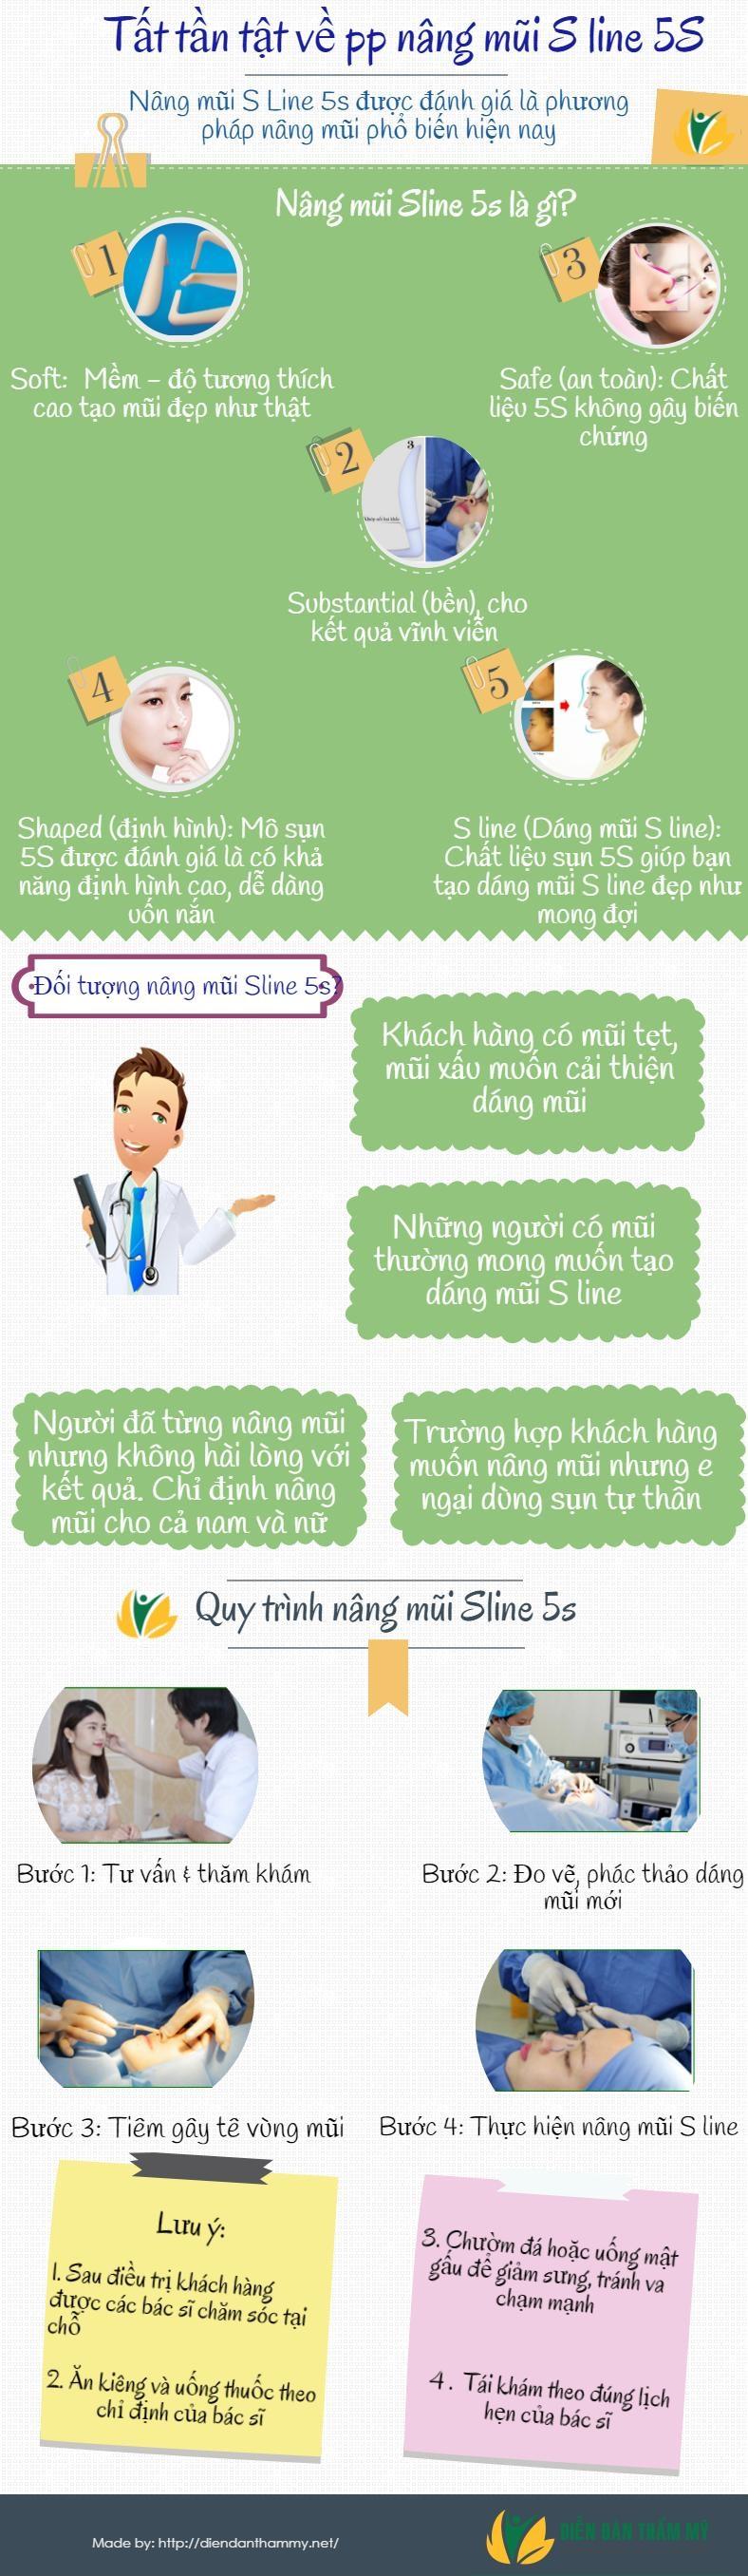 nang-mui-sline-5s.jpg